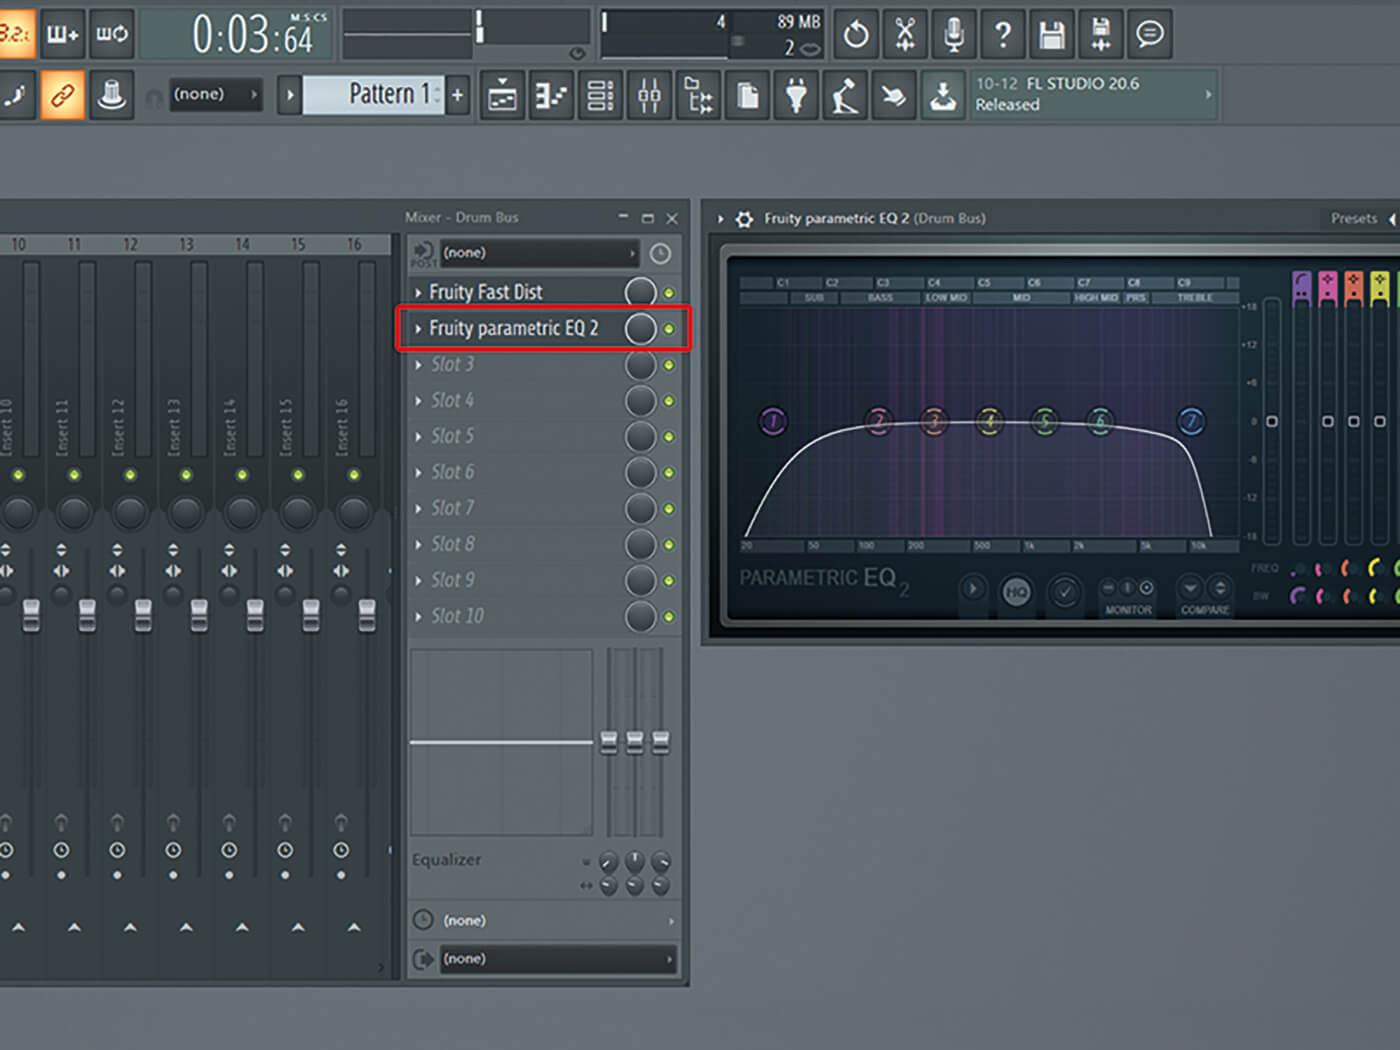 FL Studio Tutorial 16